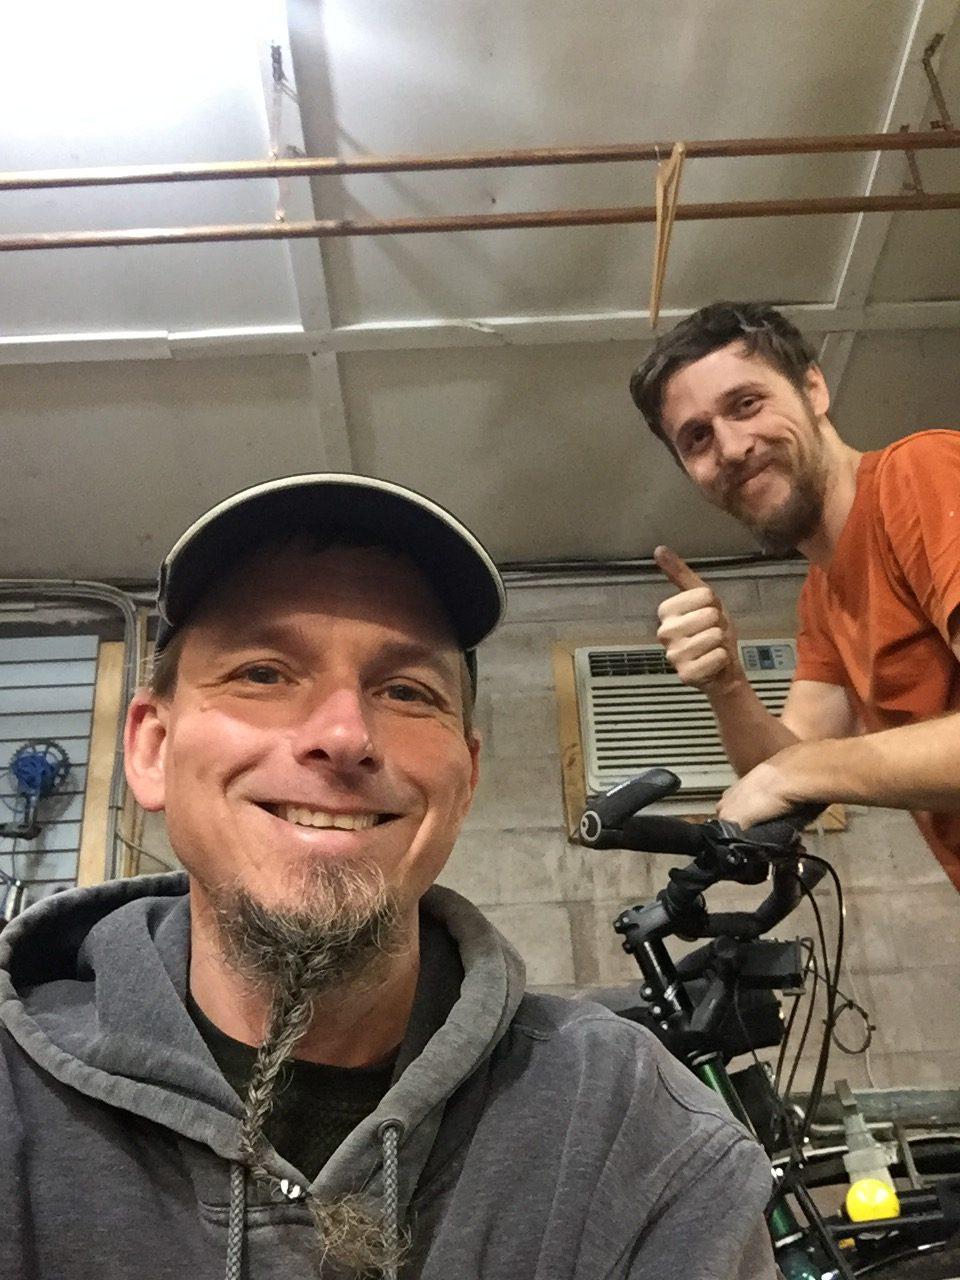 Mattieu Fraser of Highland Bike Shop